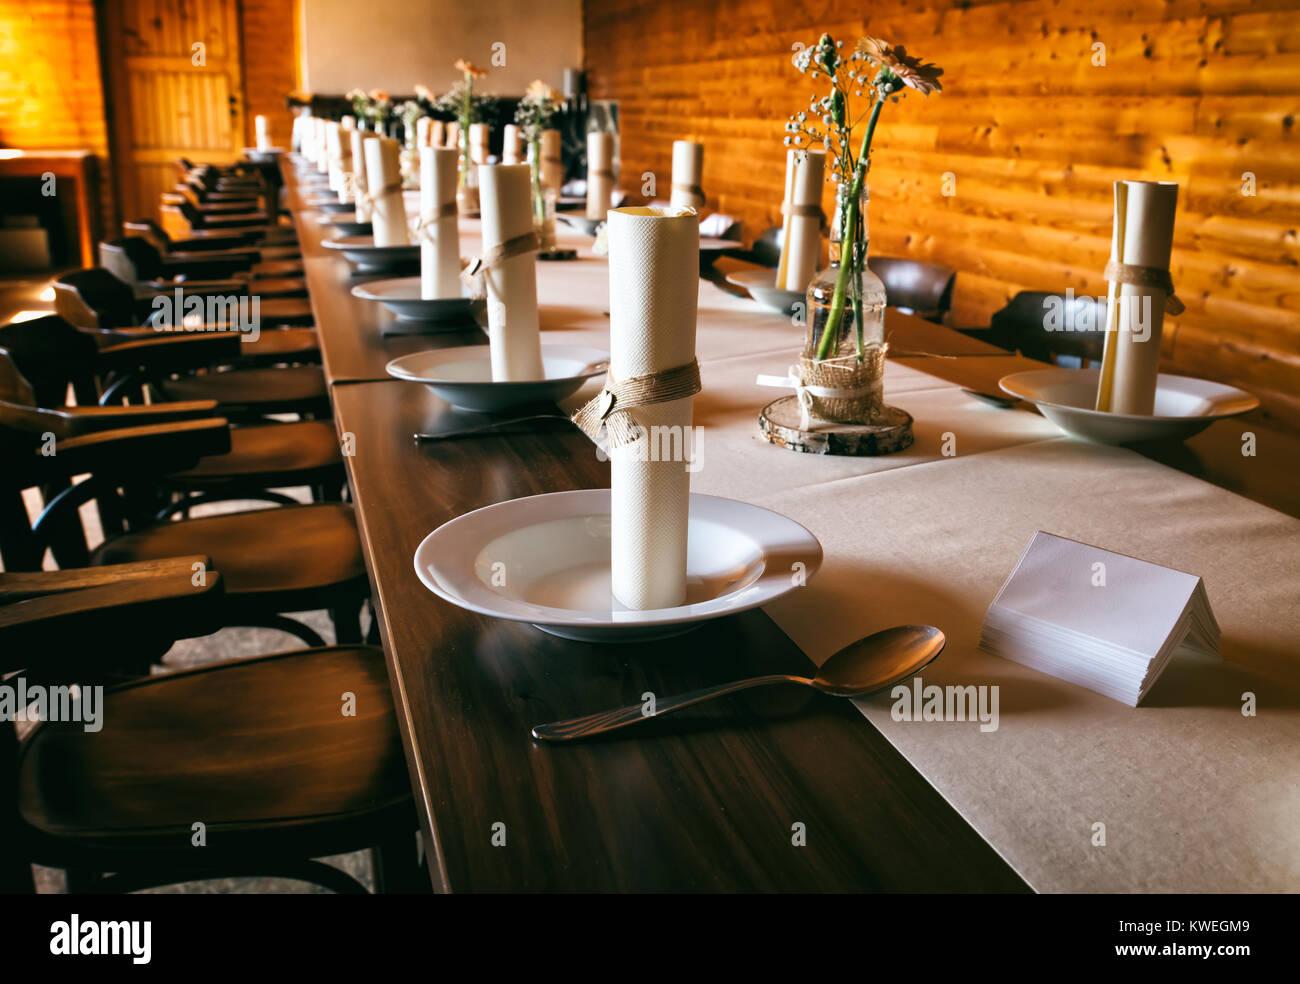 Esstisch Mit Hochzeit Dekoration Auf Dem Tisch Dekoriert Stockfoto